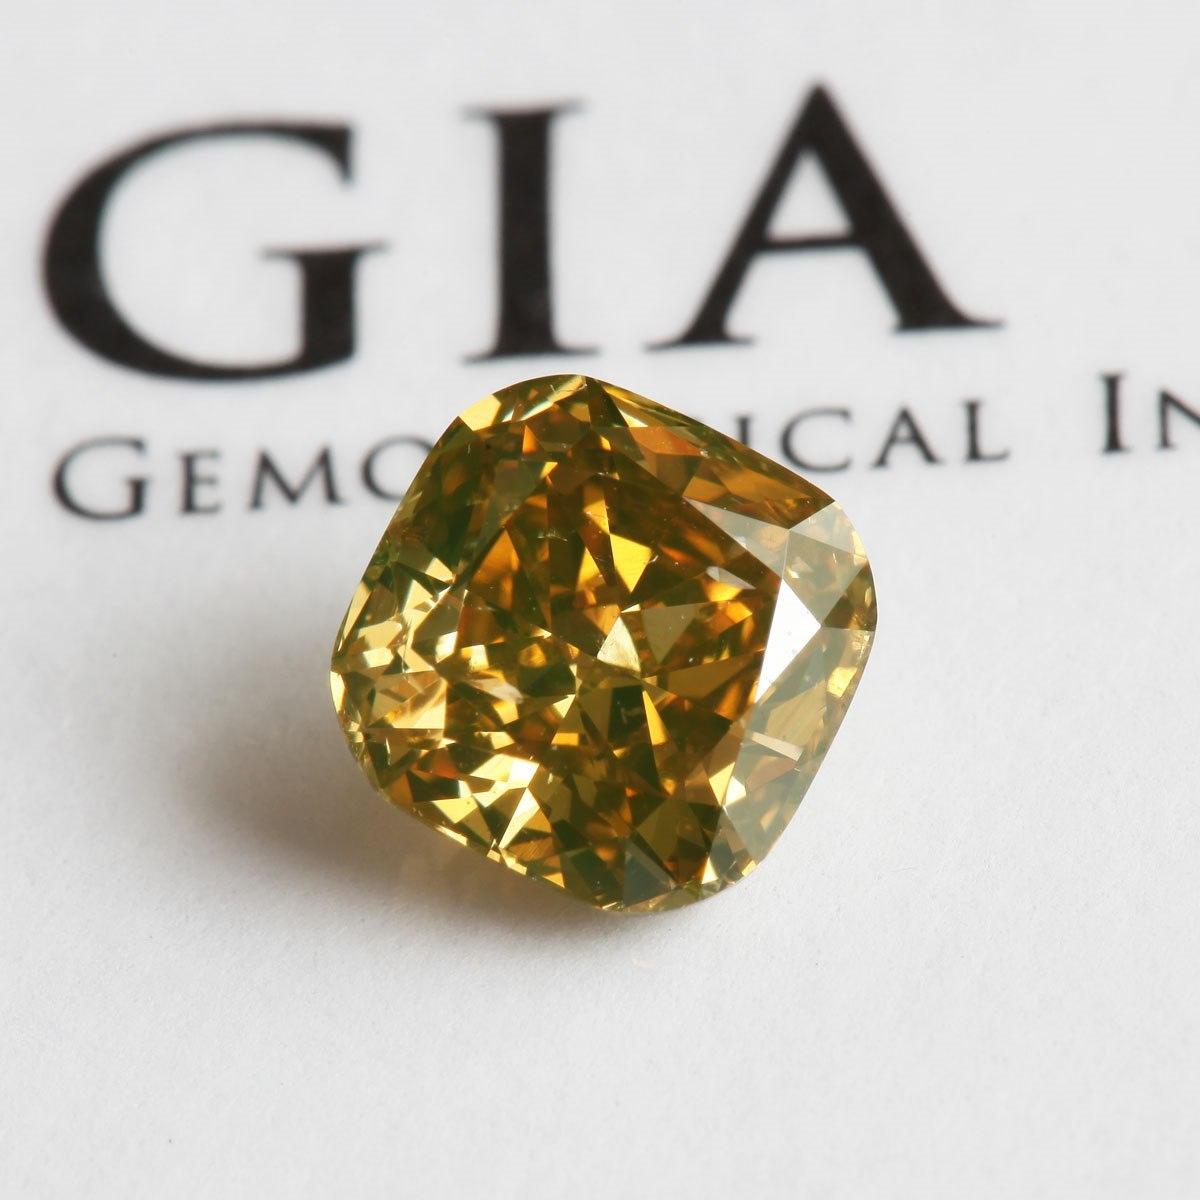 钻石鉴定机构有哪些